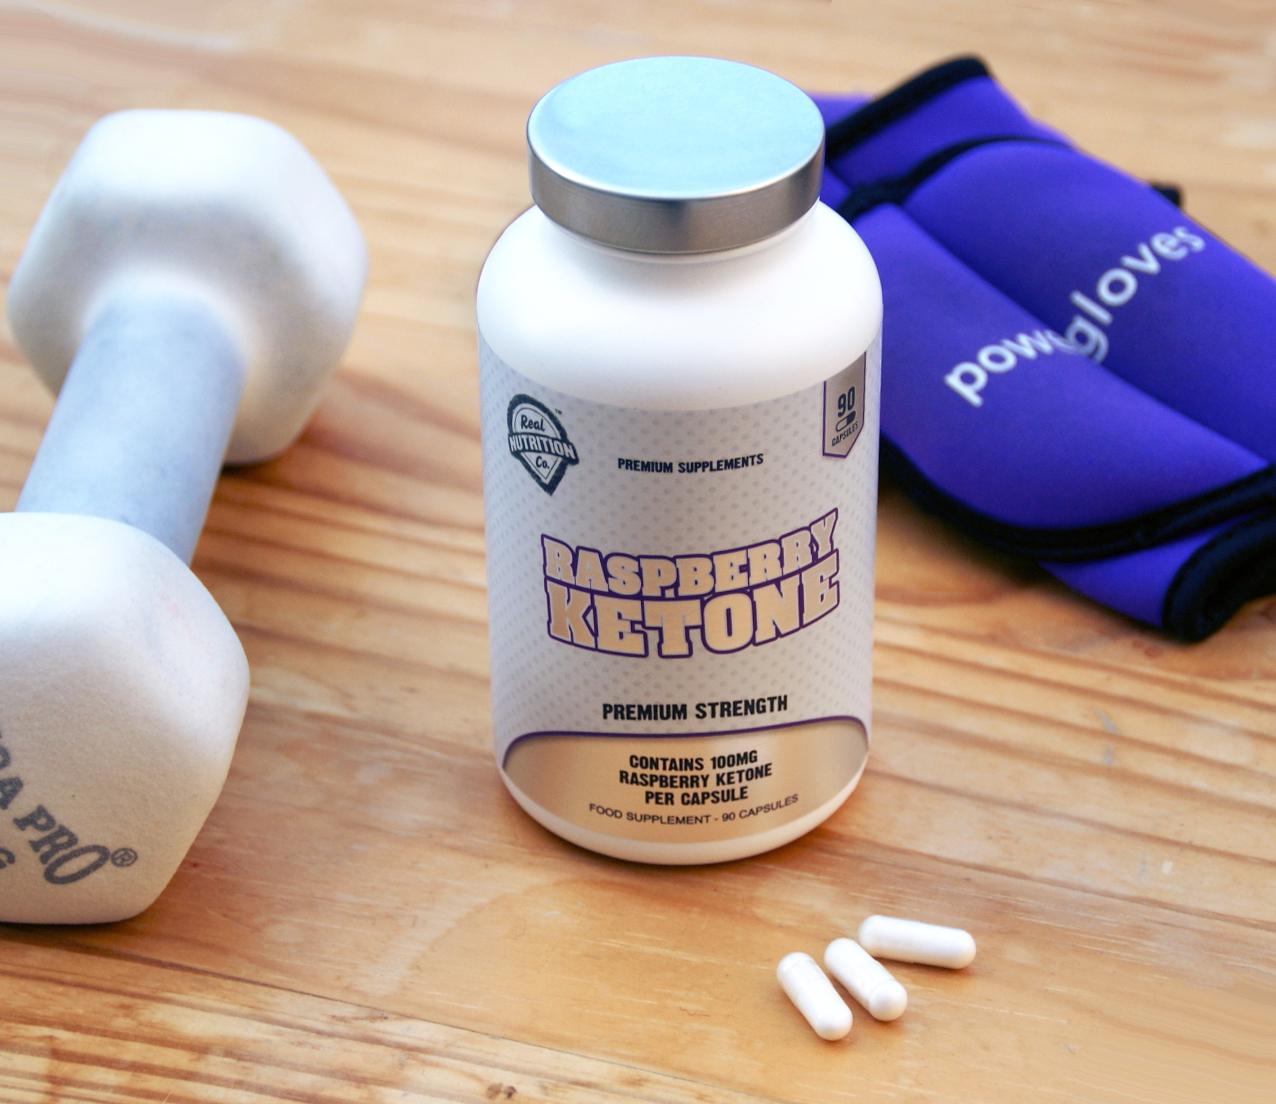 http://www.realnutritionco.com/raspberry-ketone-90capsules.html